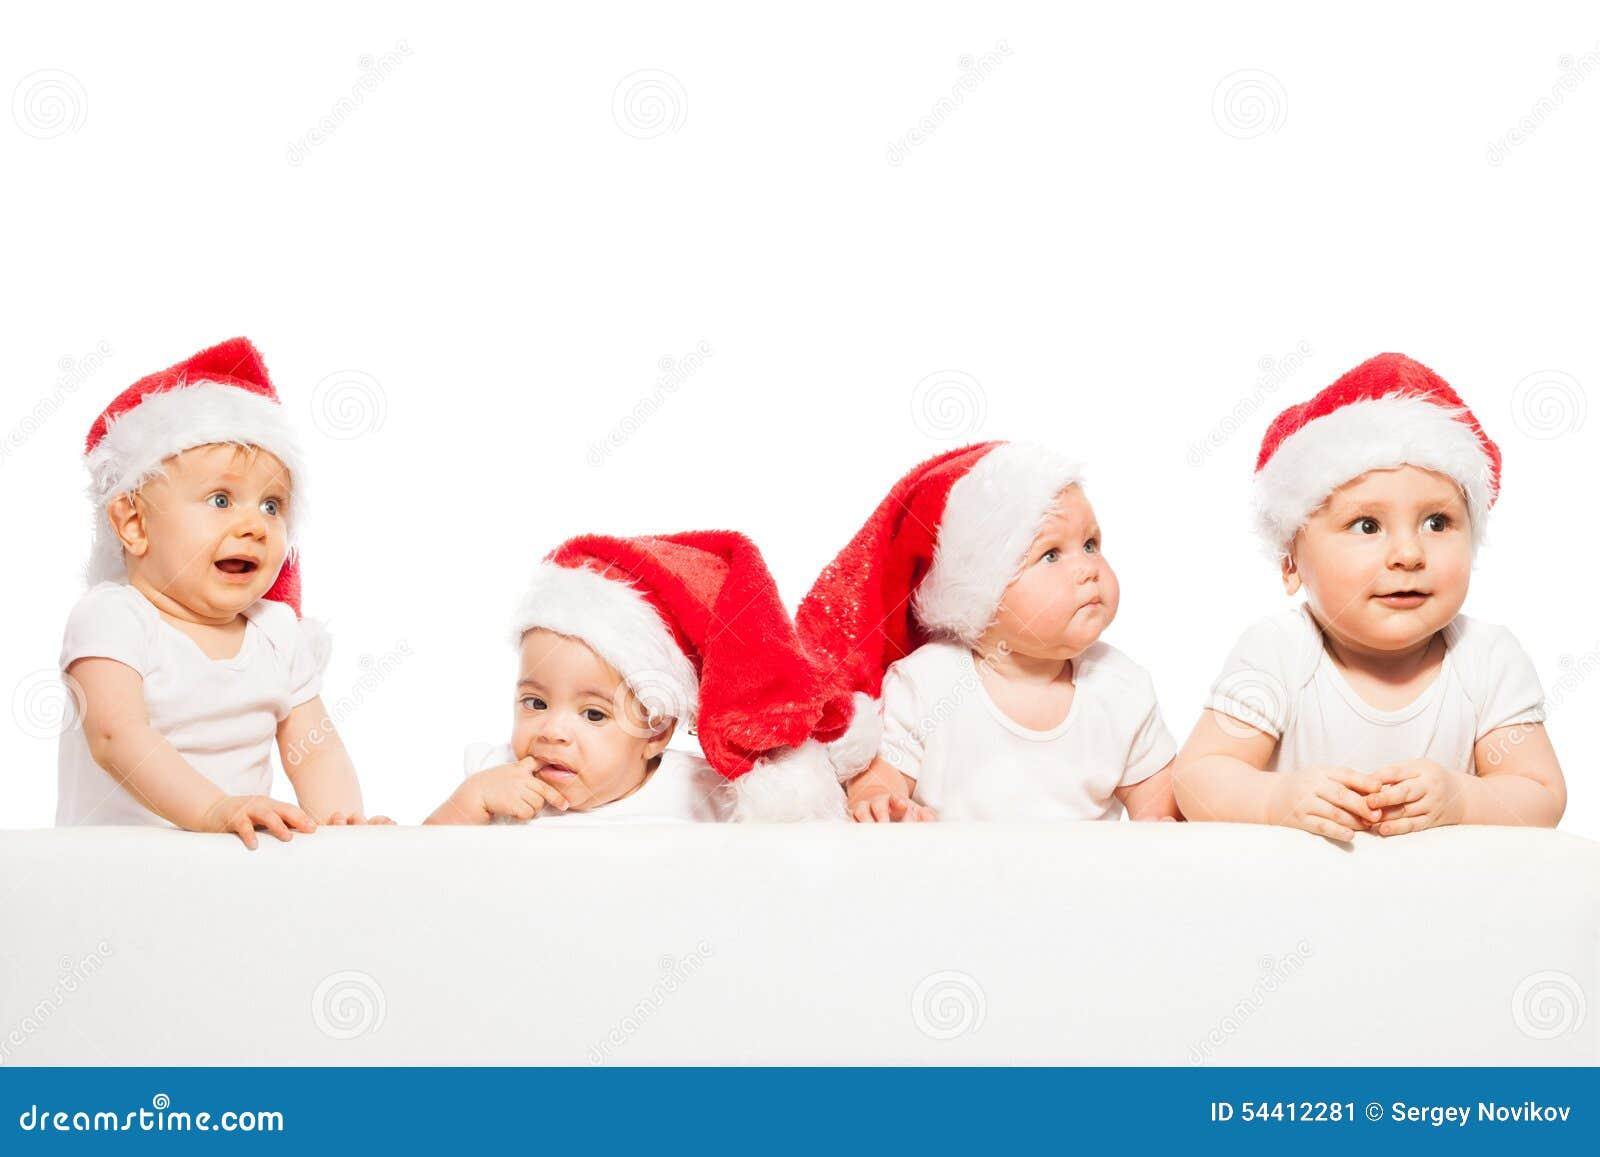 四个婴孩连续站立穿戴红色圣诞节帽子